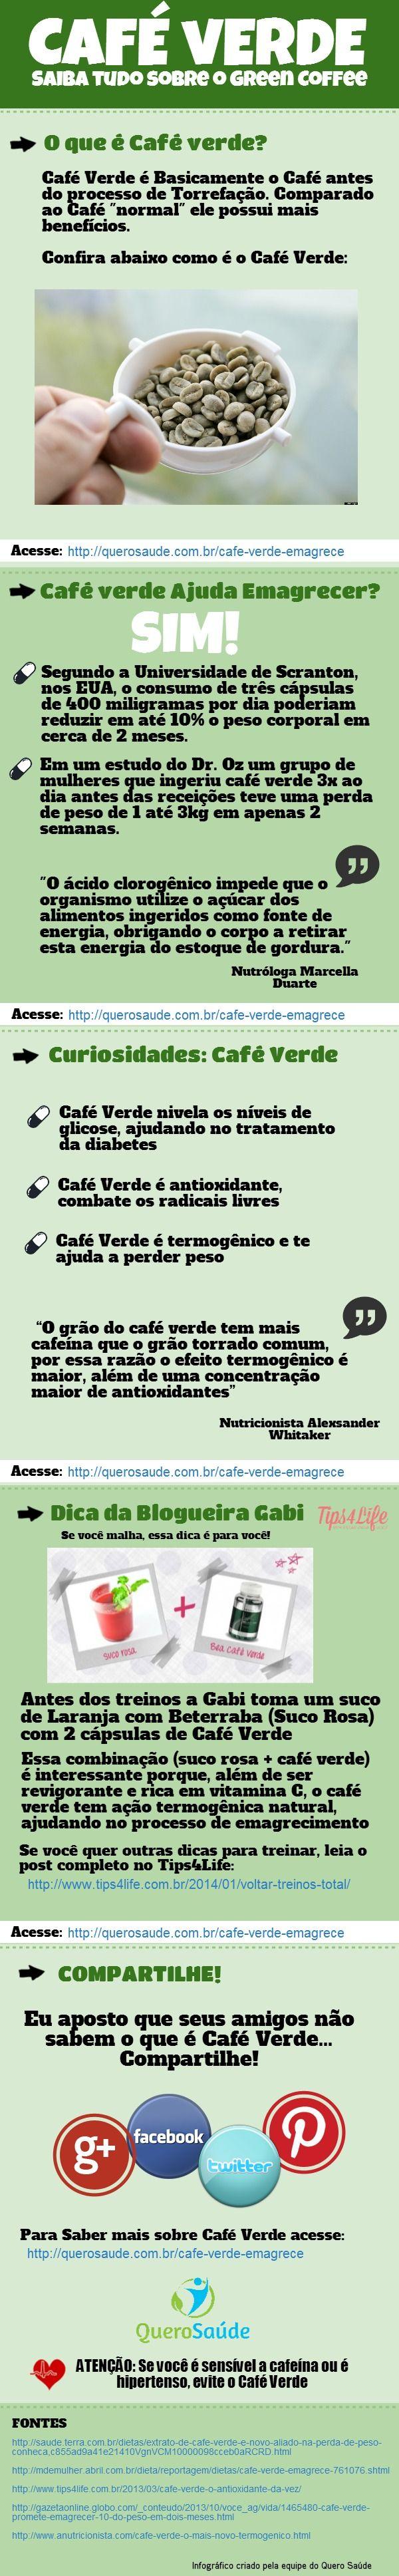 [INFOGRÁFICO] Pesquisas indicam que o Café verde é um ótimo alimento para emagrecer. Veja nesse infográfico o que é o café verde, como tomar e quais são os benefícios do Green Coffee.   Acesse http://querosaude.com.br/cafe-verde-emagrece/ e saiba mais sobre o extrato de café verde.  #GreenCoffee #CafeVerde #Cafe